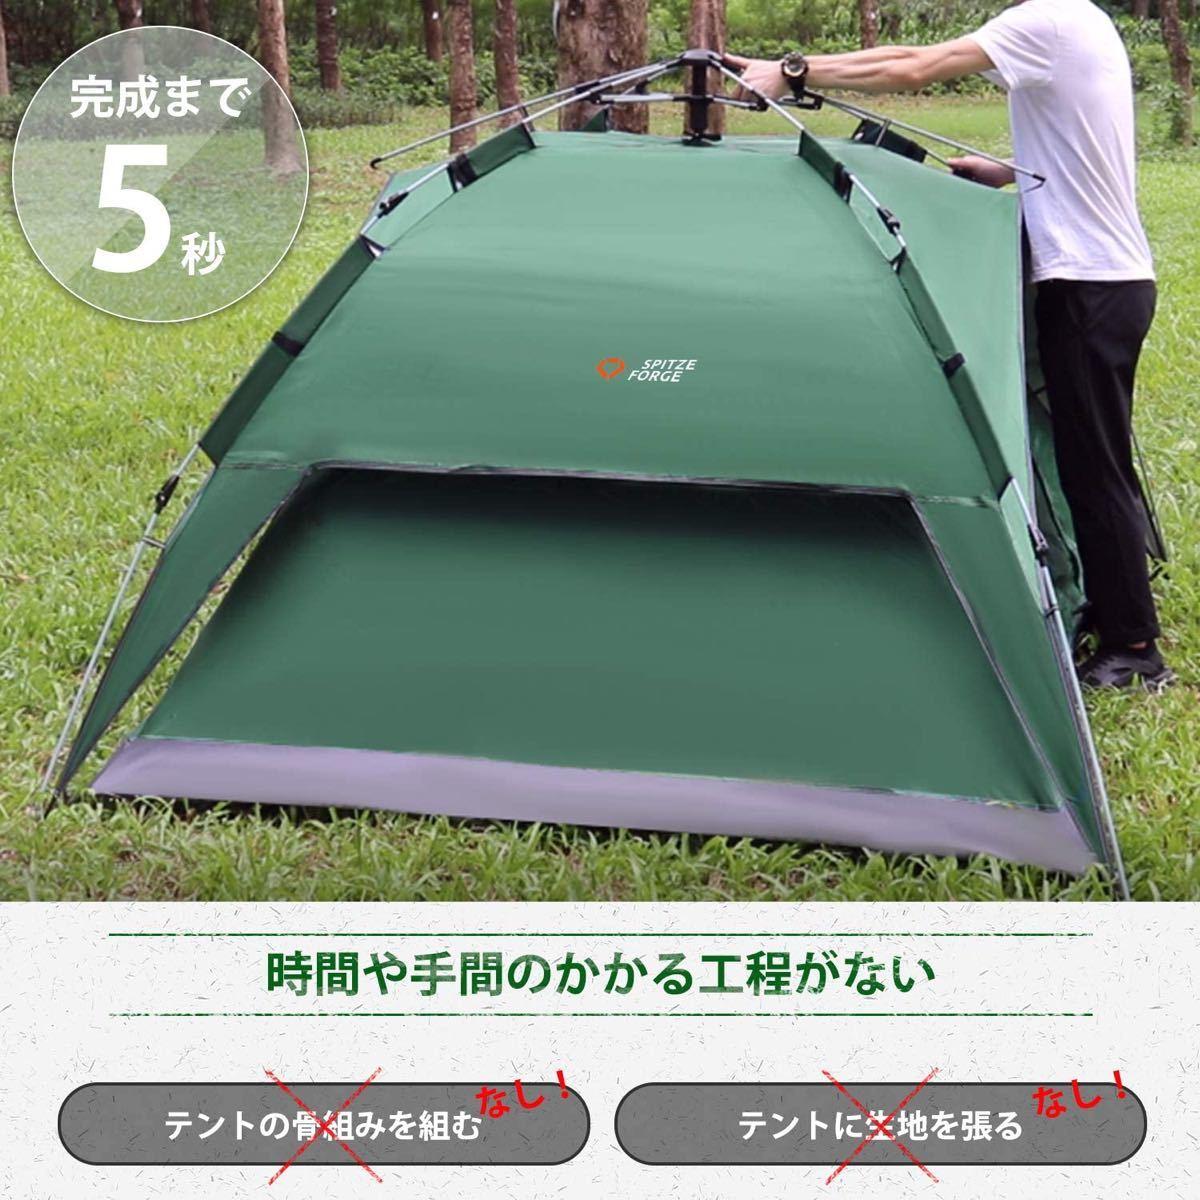 ワンタッチテント☆アウトドア☆キャンプ☆公園☆防水☆簡単設営☆軽量☆防災☆登山